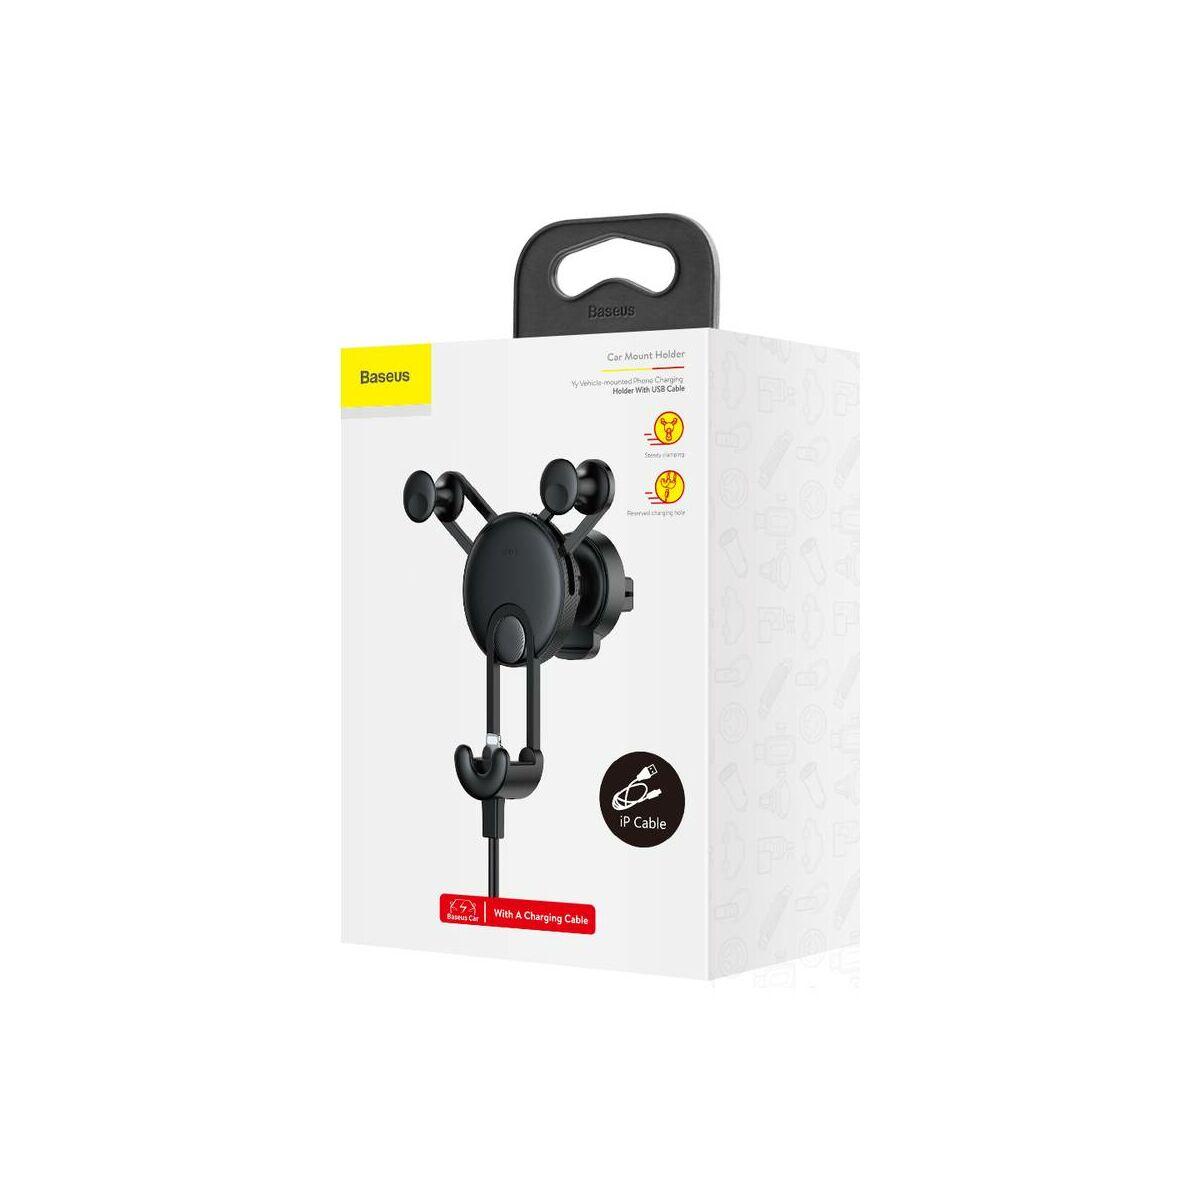 Baseus autós telefon tartó, YY alakú töltő kábellel (Lightning), fekete (SULYY-01)